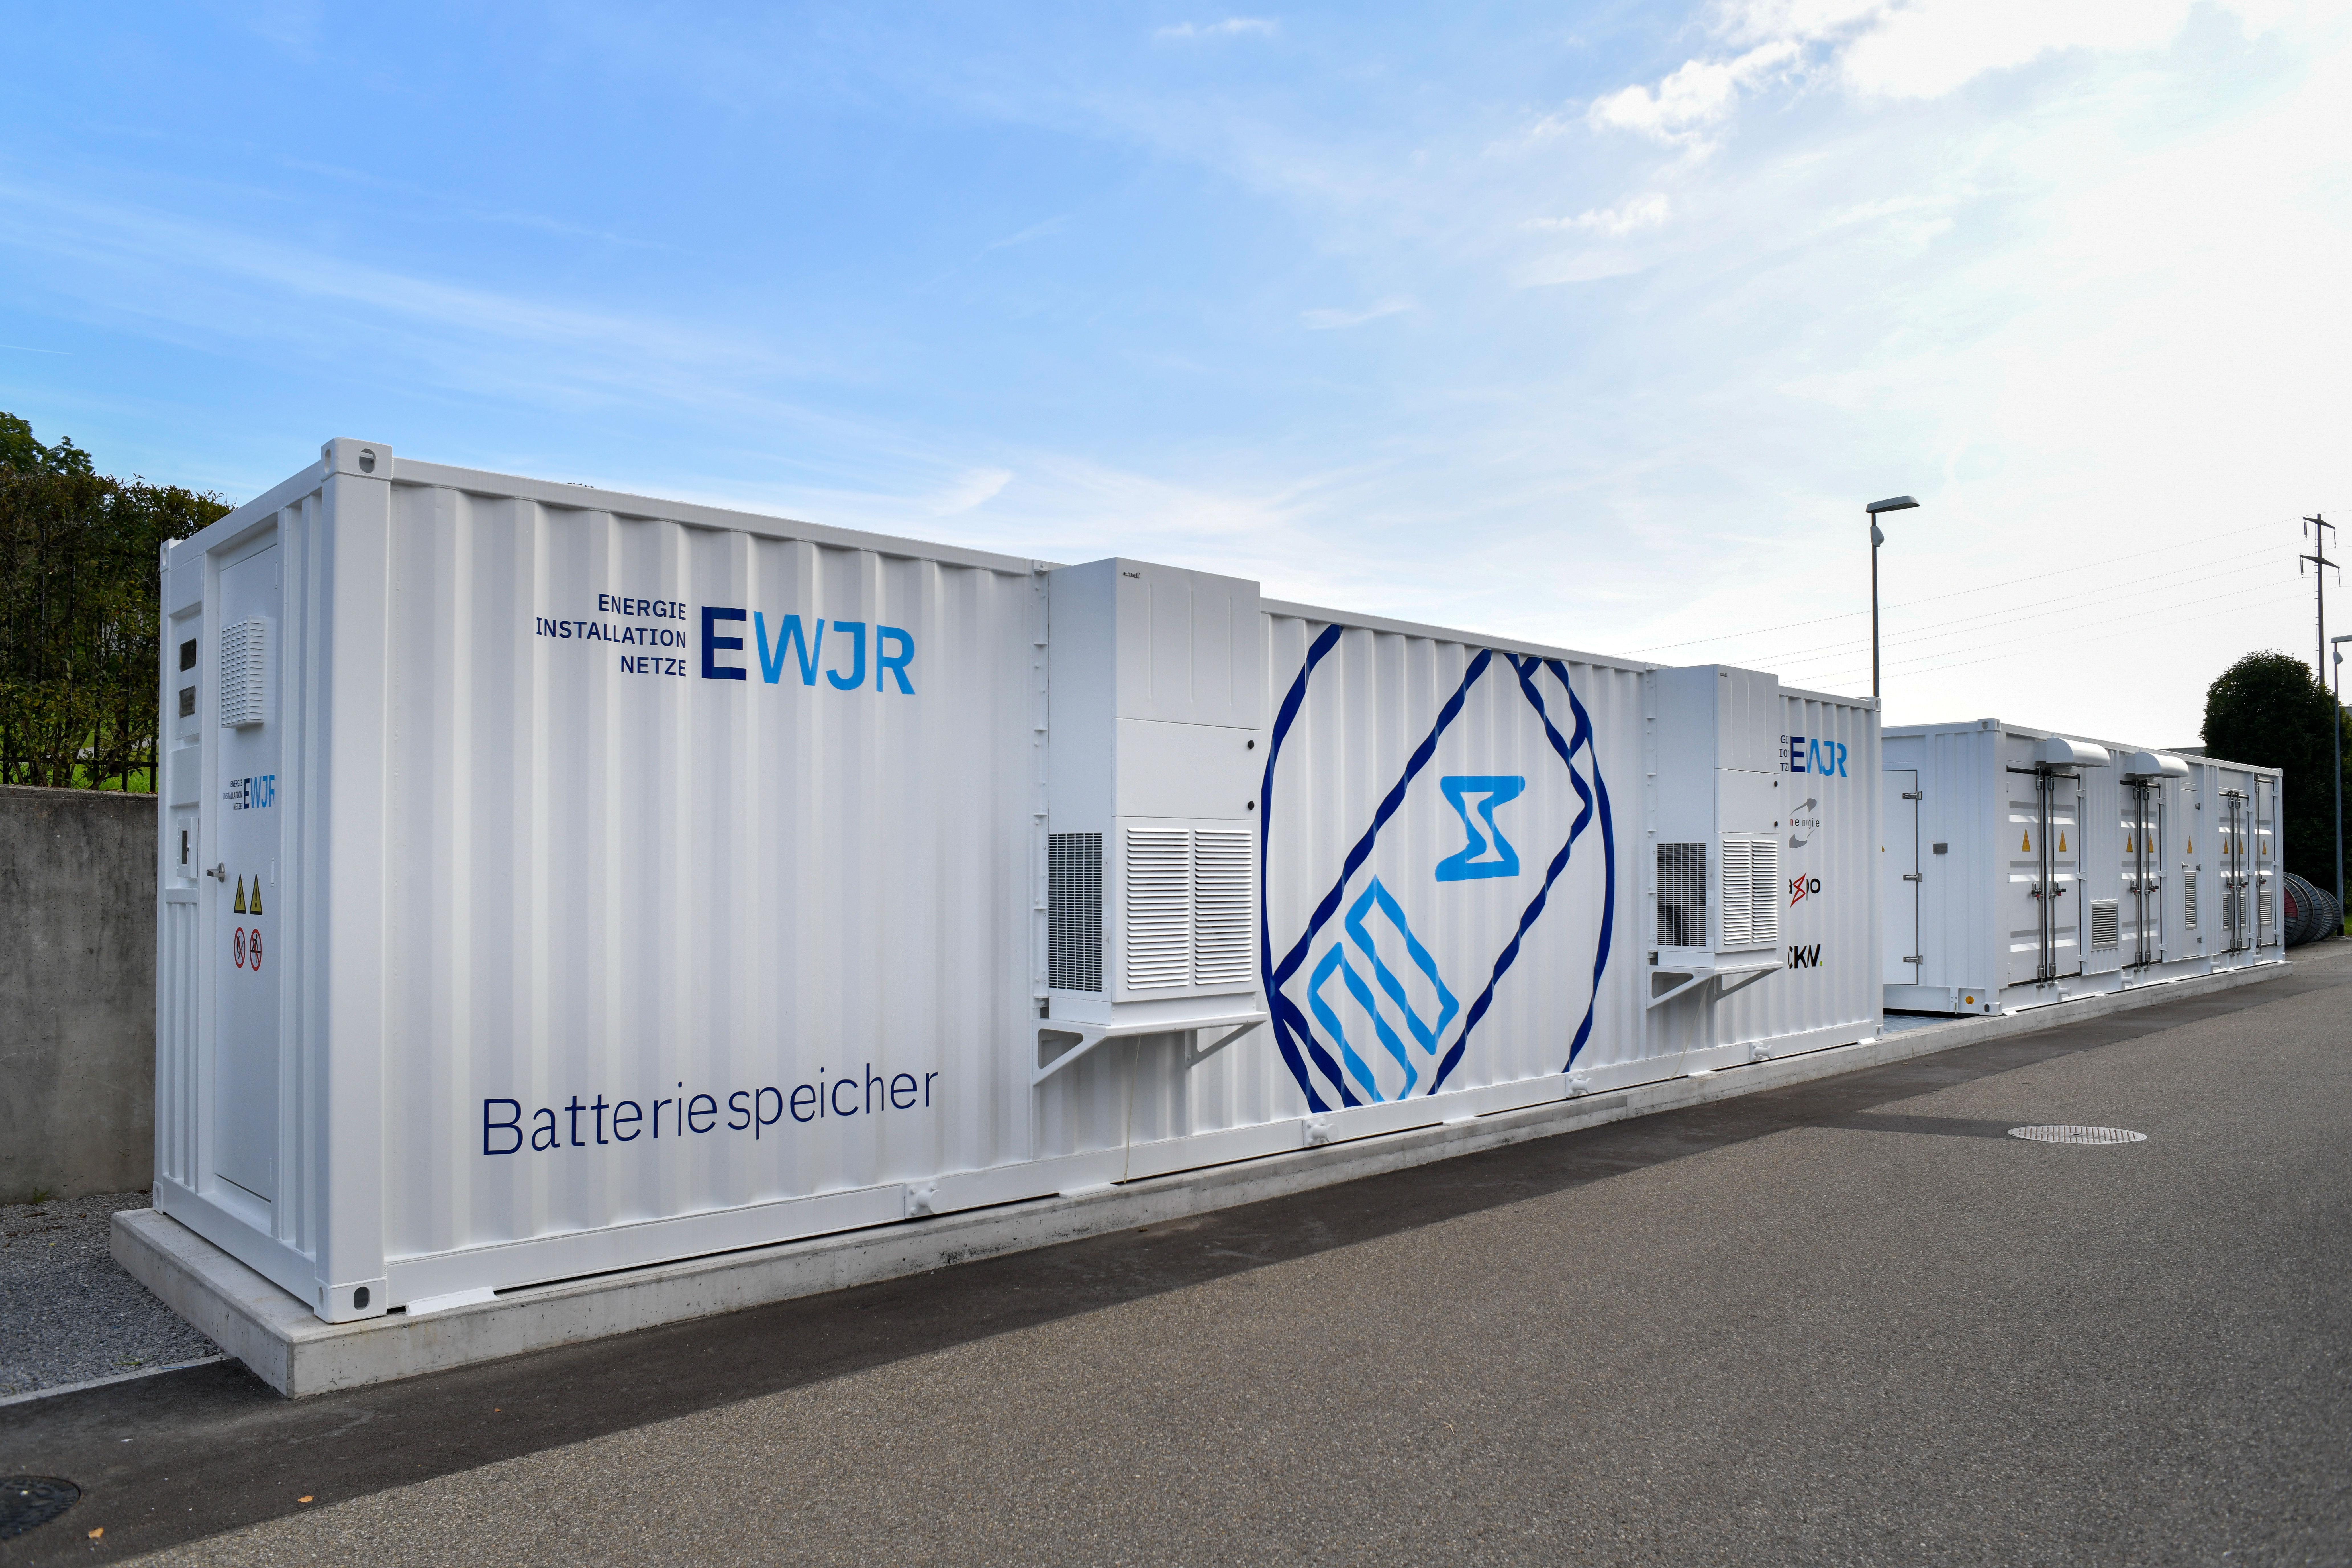 EWJR Batteriespeicher Beschriftet